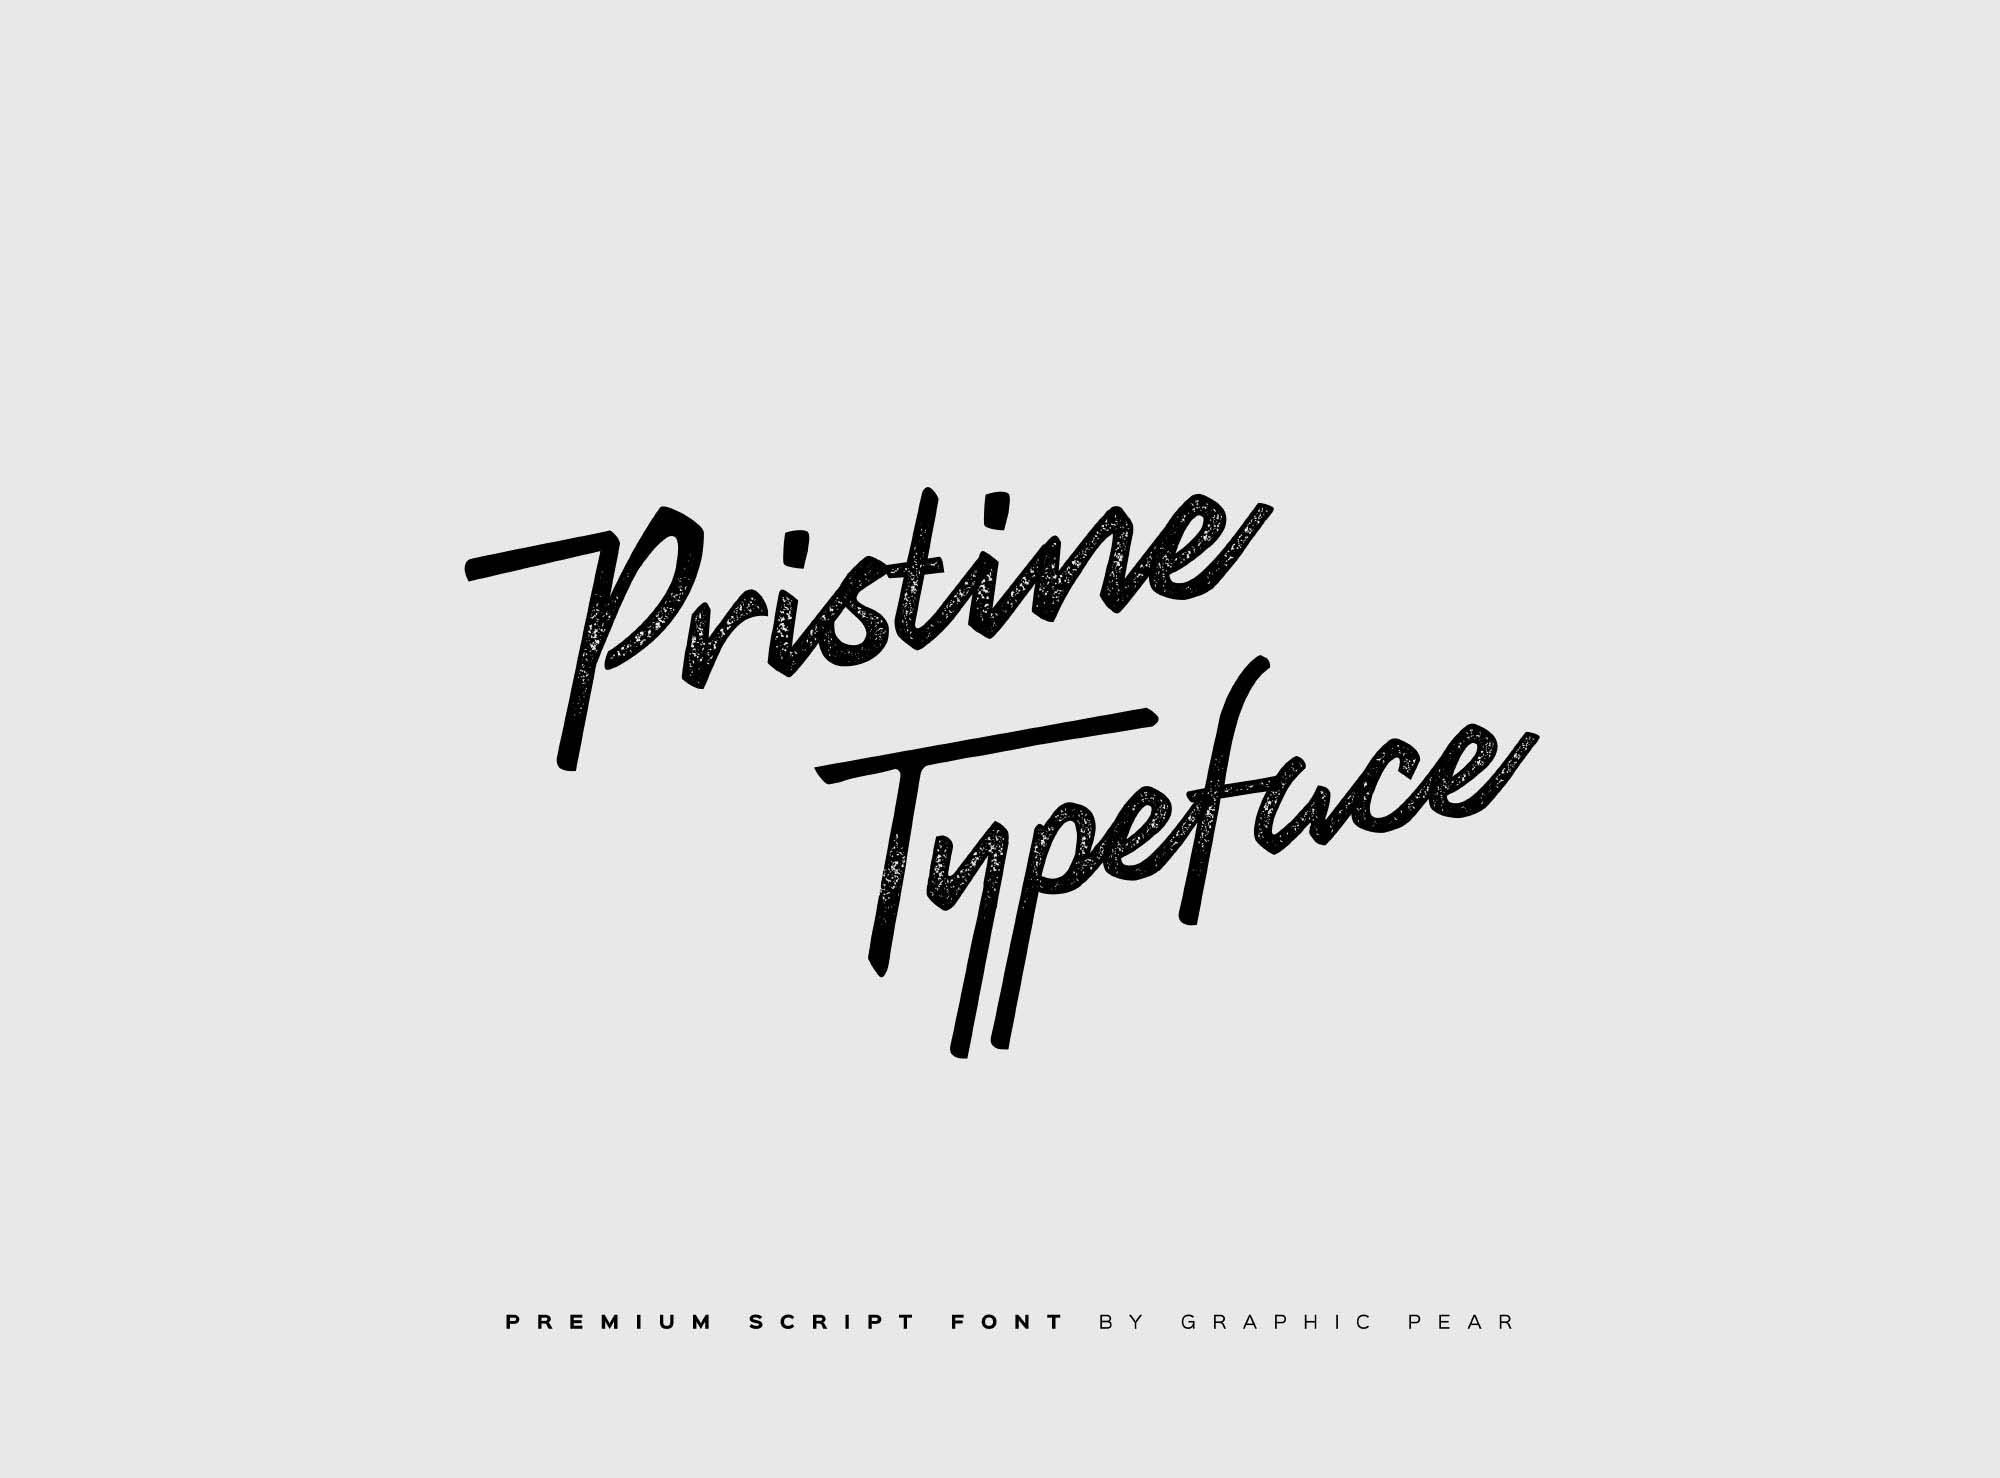 Pristine Typeface